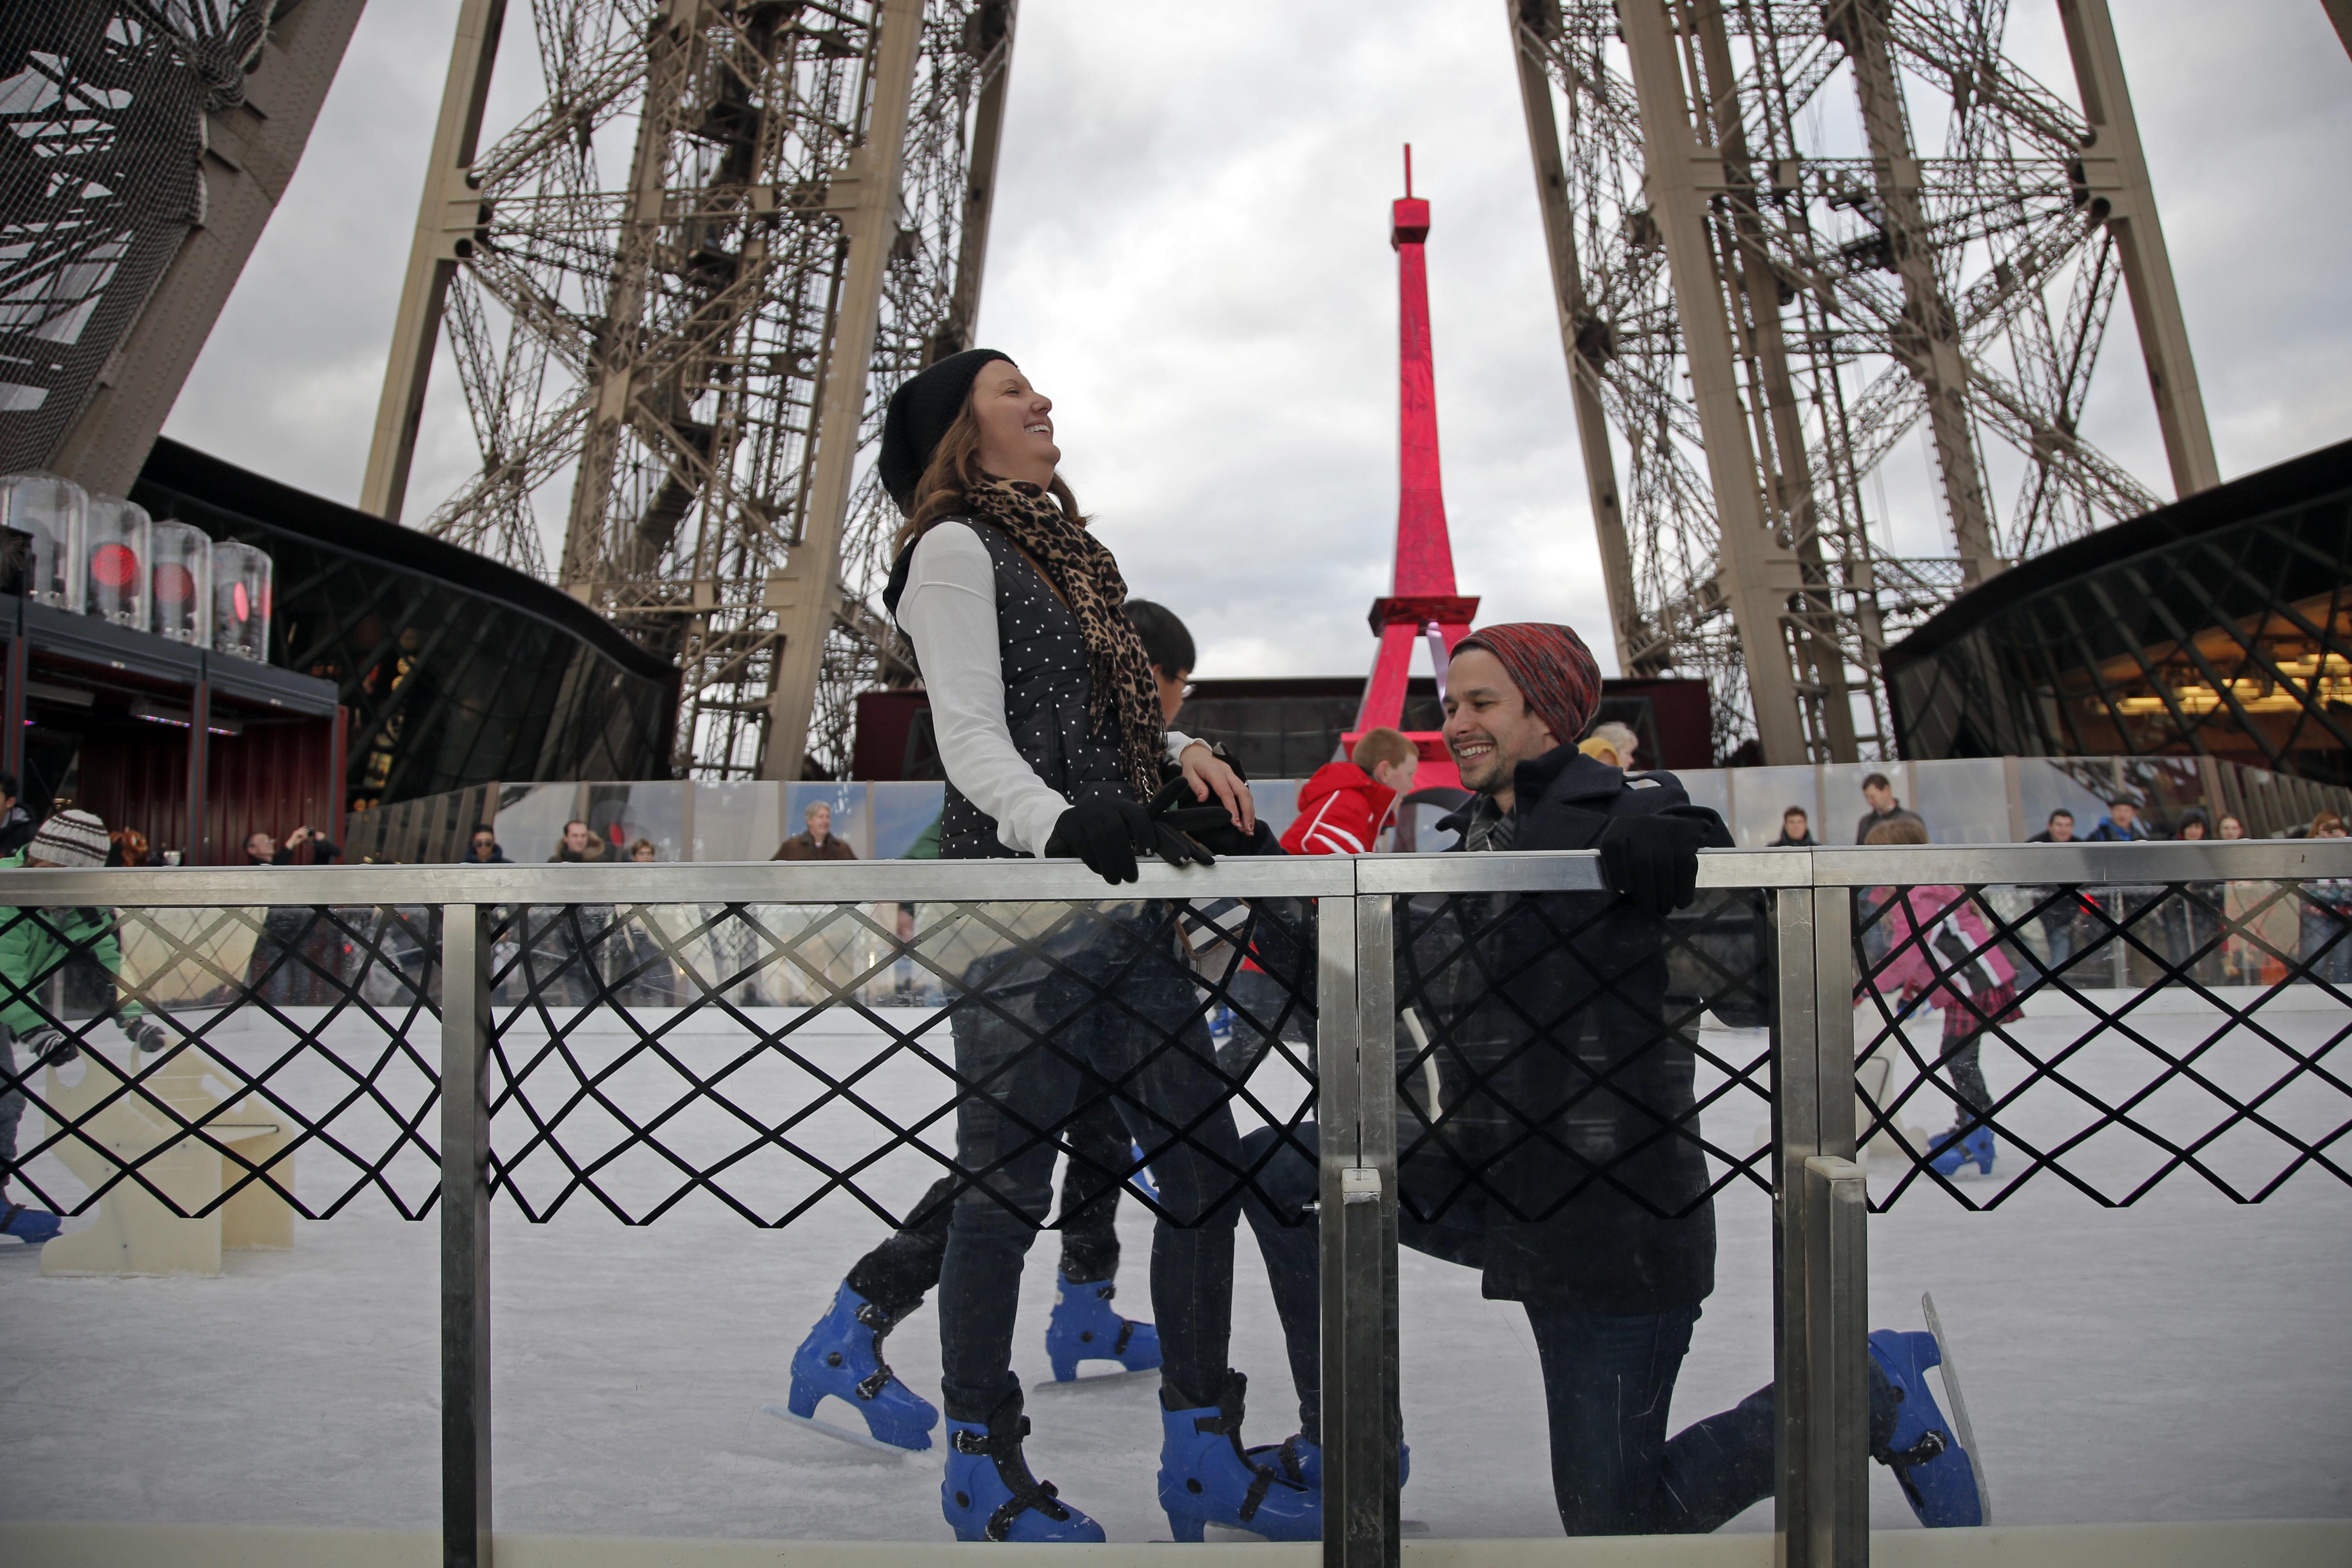 Parigi, proposta di matrimonio in cima alla Torre Eiffel4